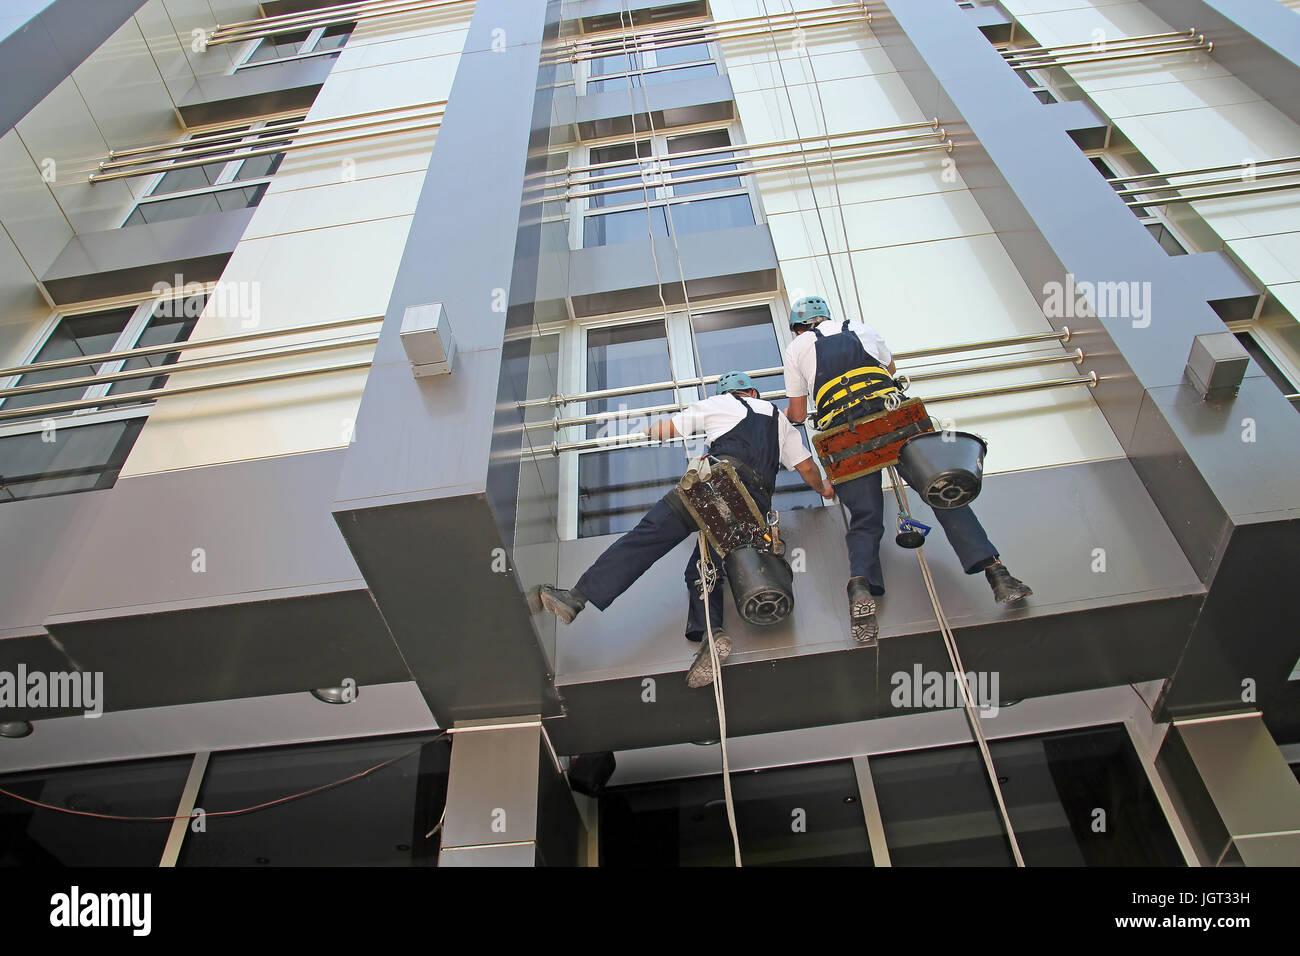 Nettoyage de fenêtres et de façades. Services de nettoyage du verre. Photo Stock